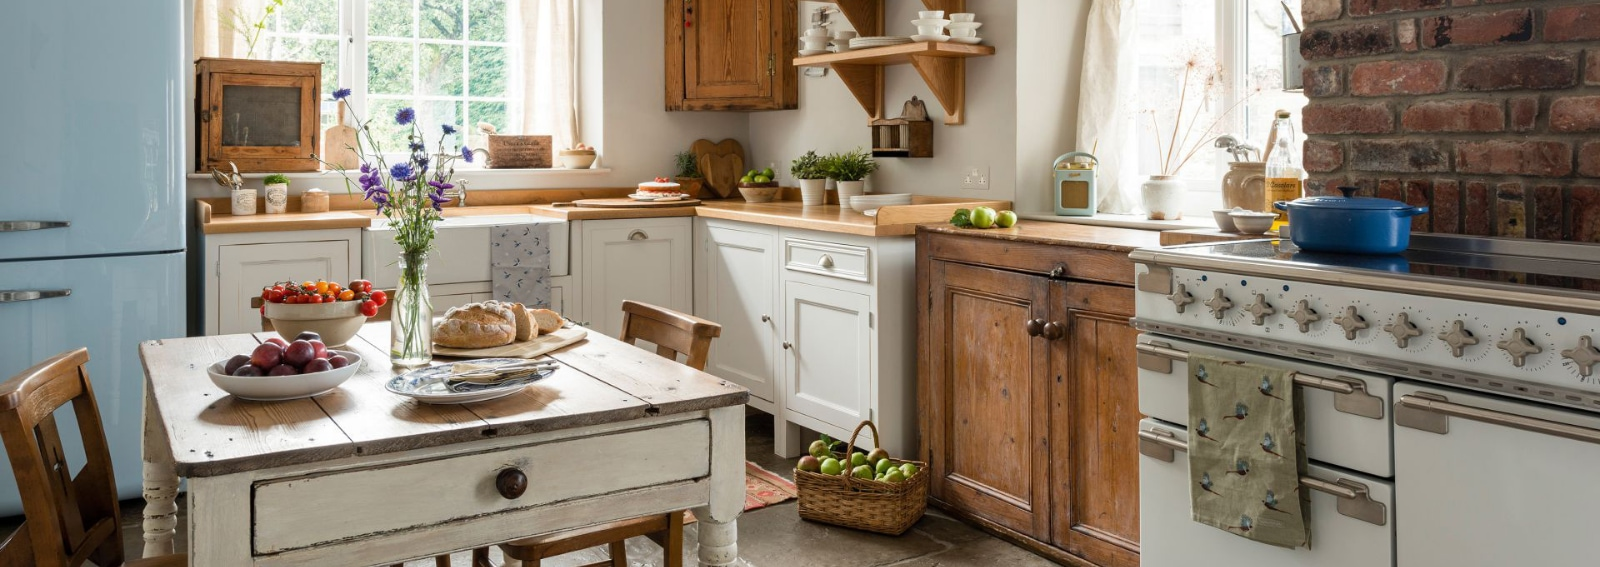 Come Decorare Una Cucina Rustica come arredare la casa di campagna: le idee più belle - grazia.it